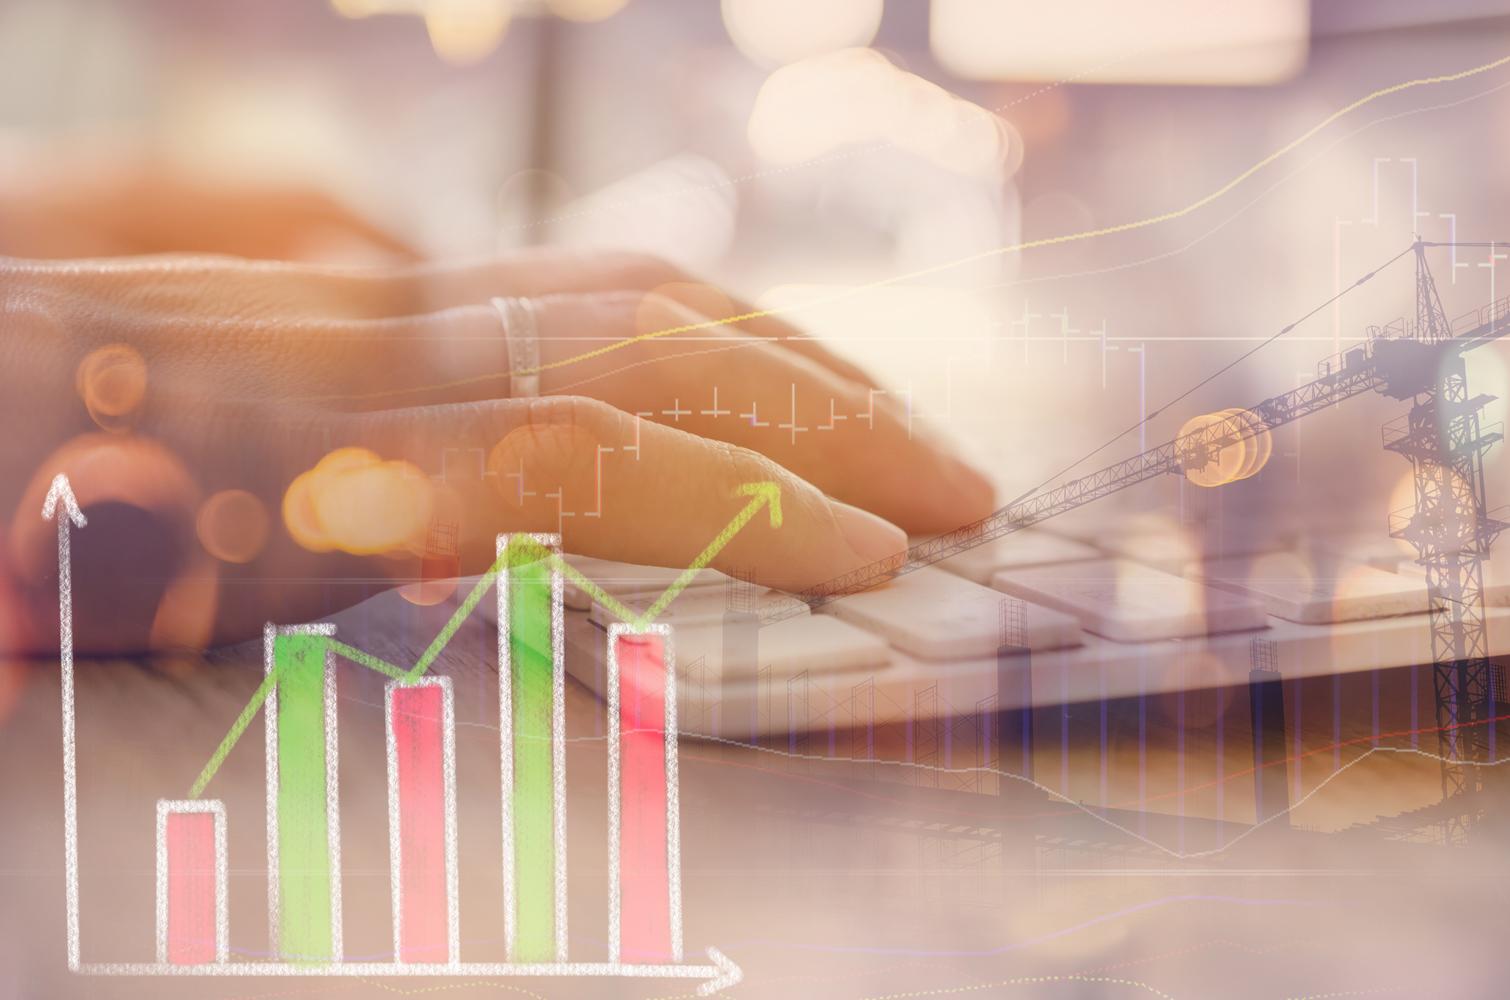 tranzacționarea opțiunilor binare strategie profitabilă